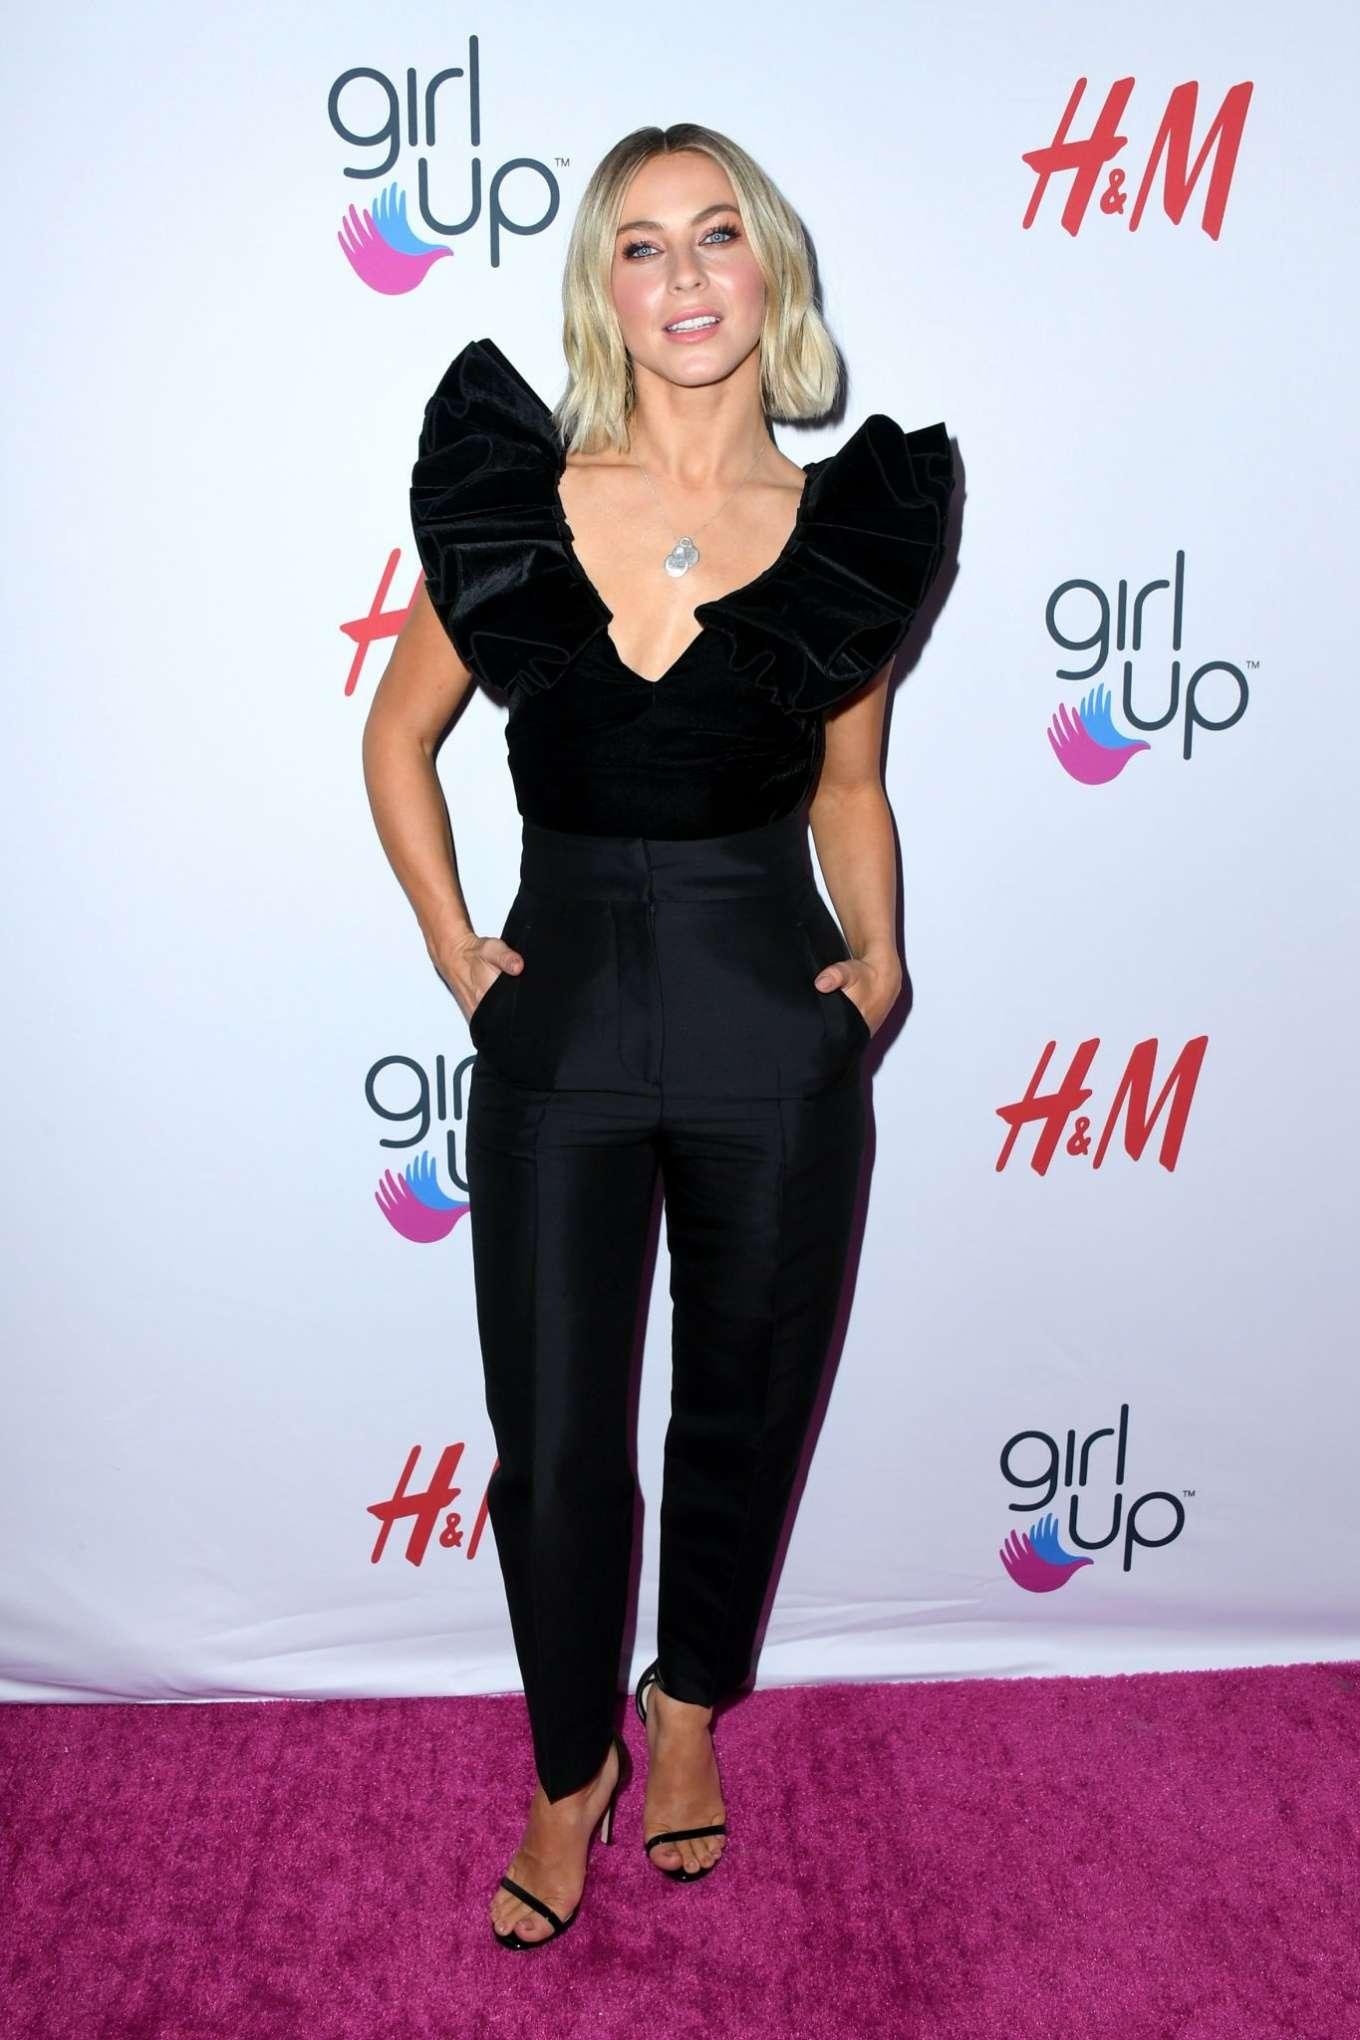 Julianne Hough - 2nd Annual Girl Up #GirlHero Awards in Beverly Hills